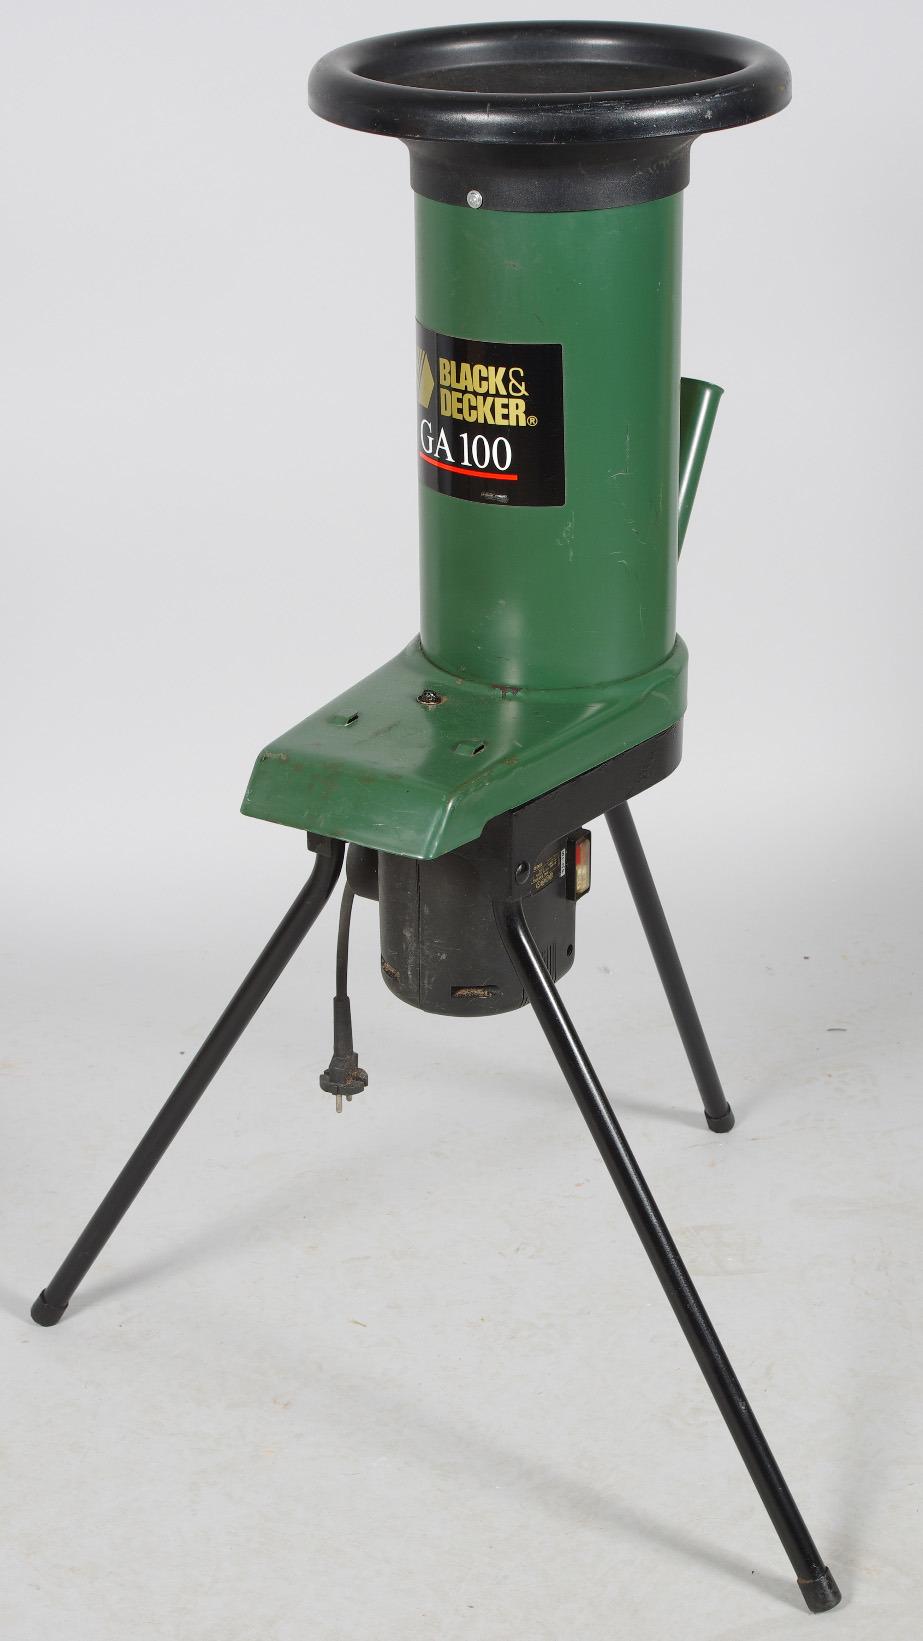 bilder f r 142180 kompostkvarn black decker ga 100 auctionet. Black Bedroom Furniture Sets. Home Design Ideas